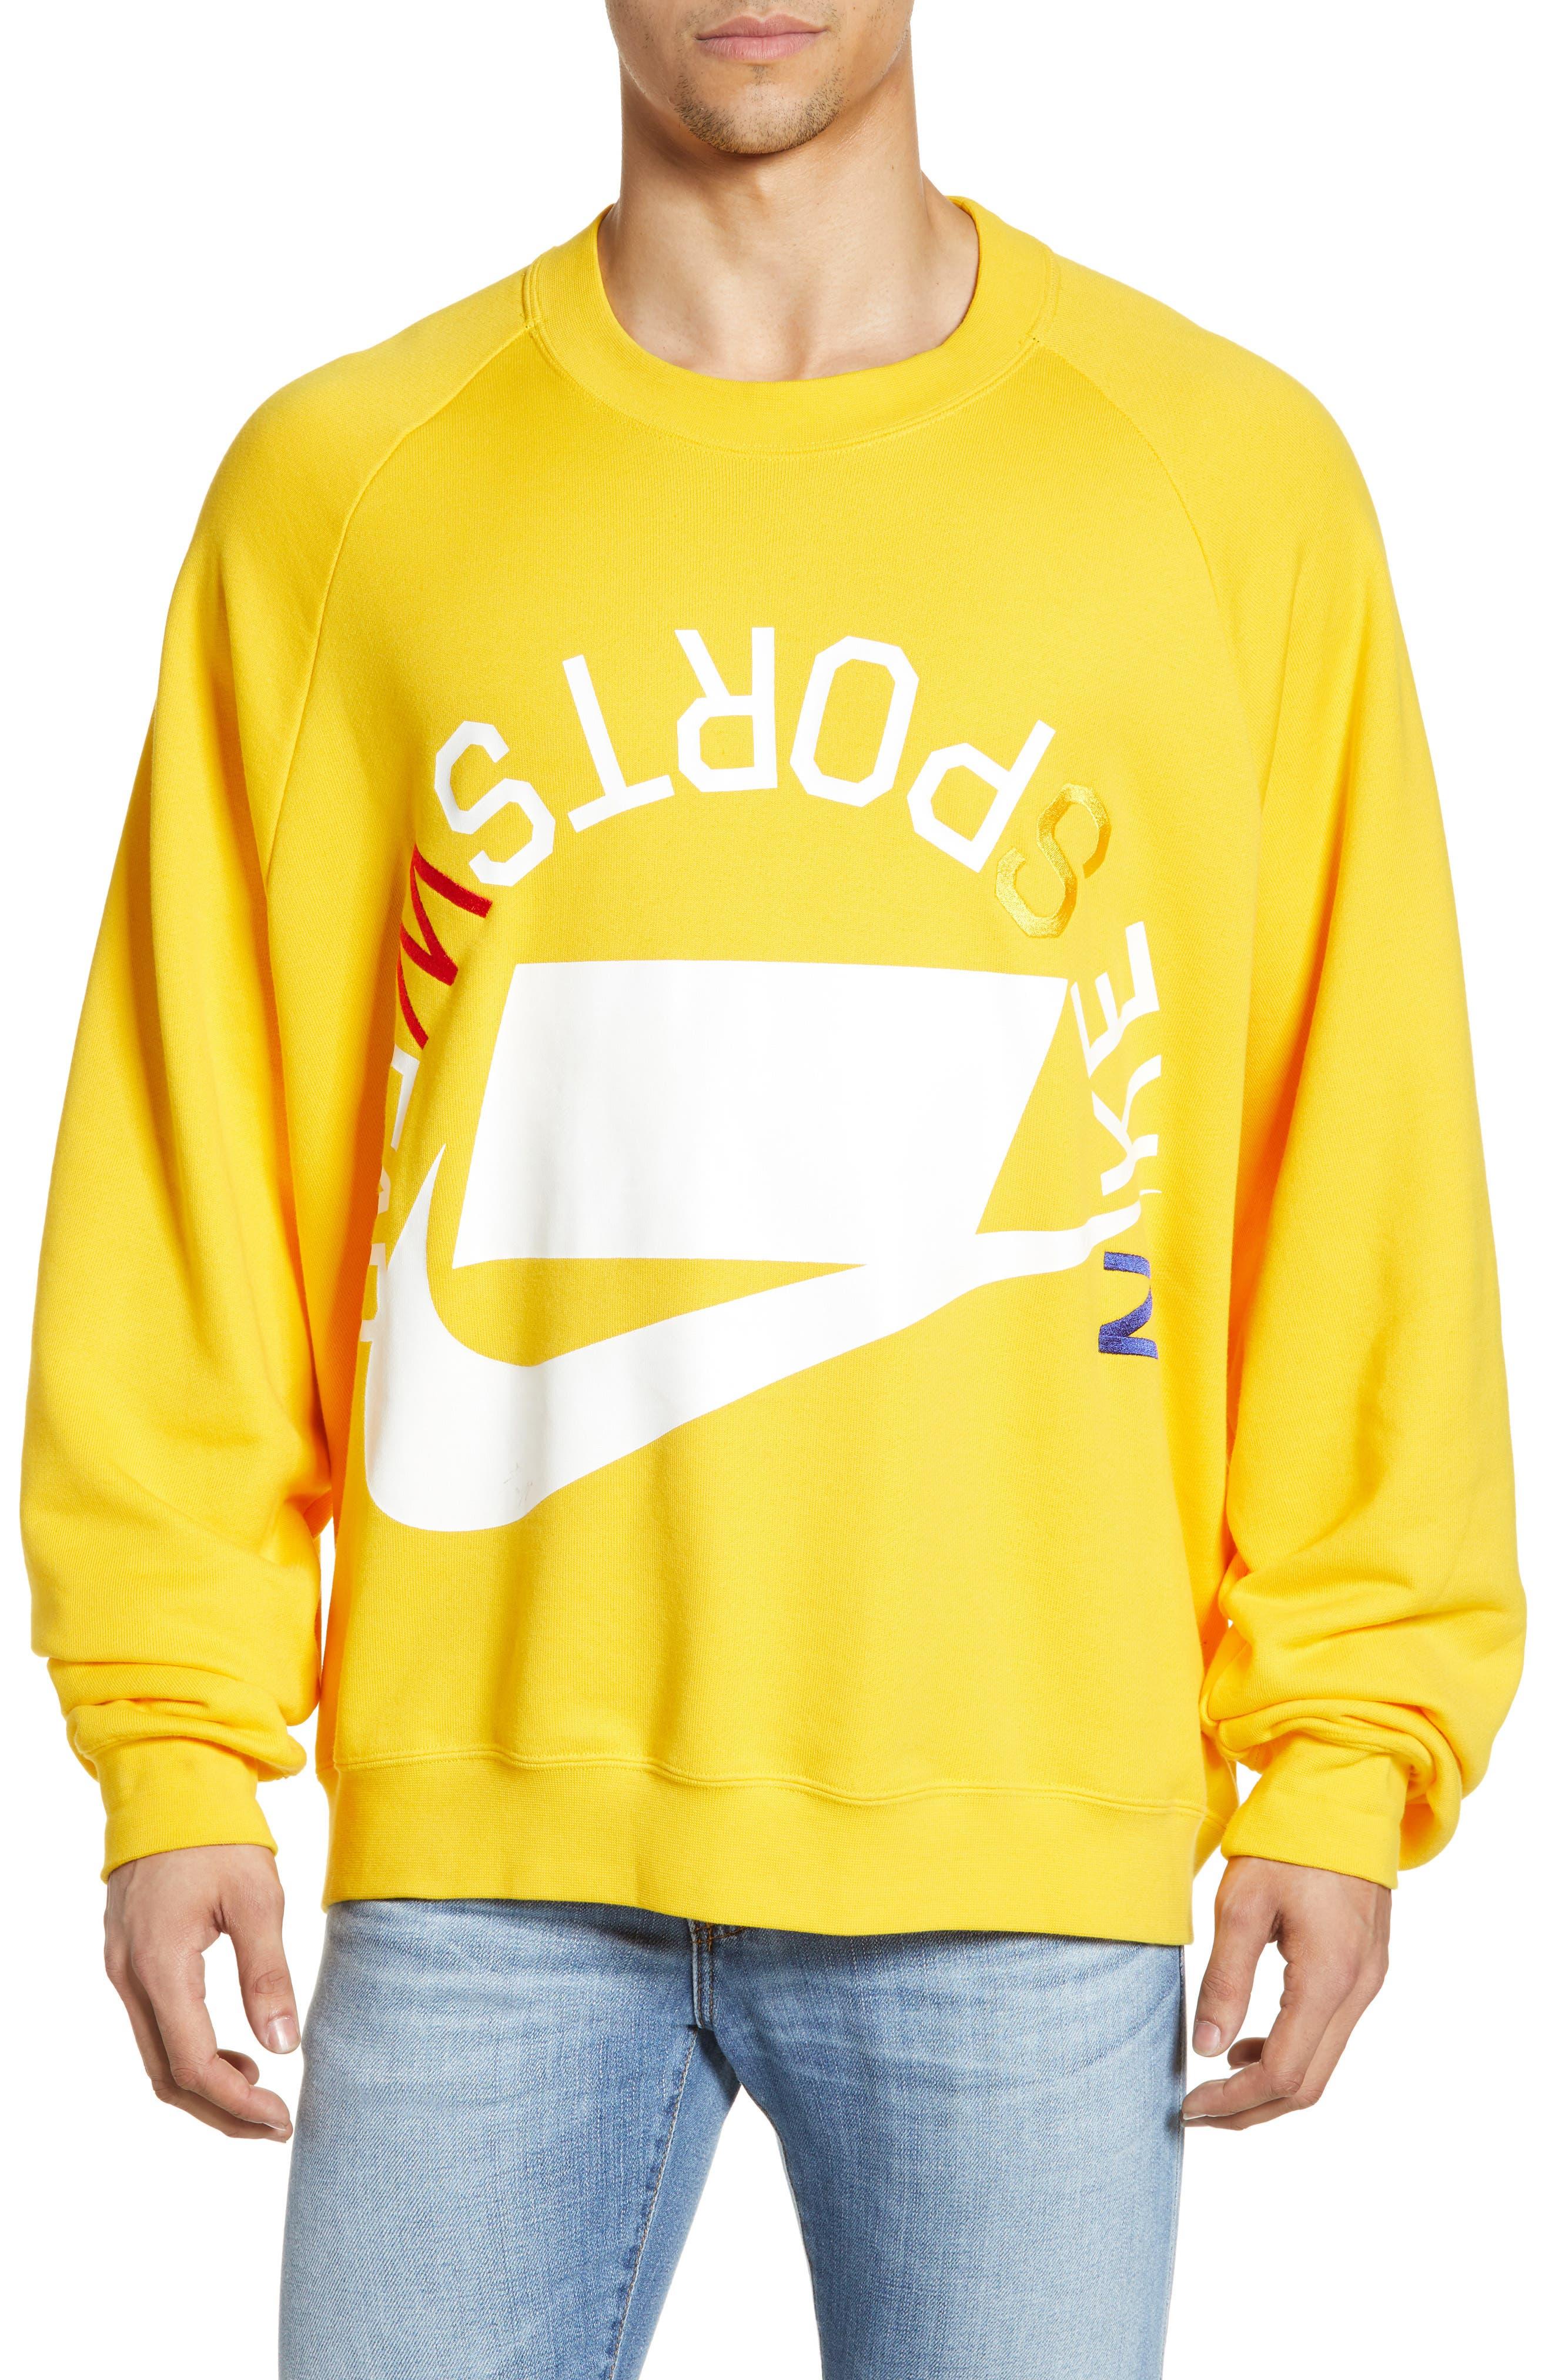 Nike SweatshirtsNordstrom Nike Hoodiesamp; Hoodiesamp; SweatshirtsNordstrom Men's Men's by76Yfg